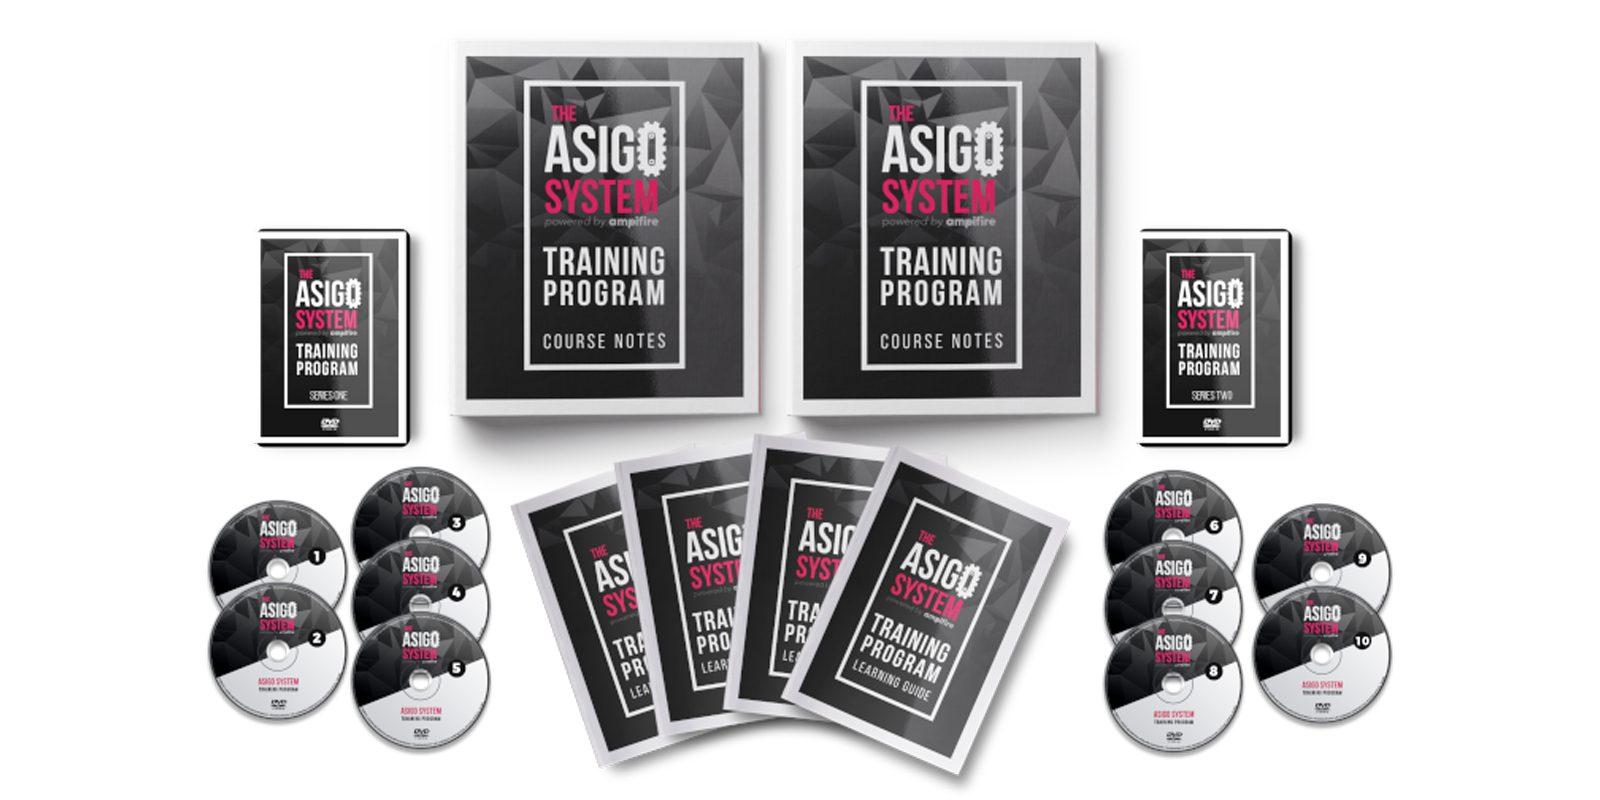 Asigo system review updated